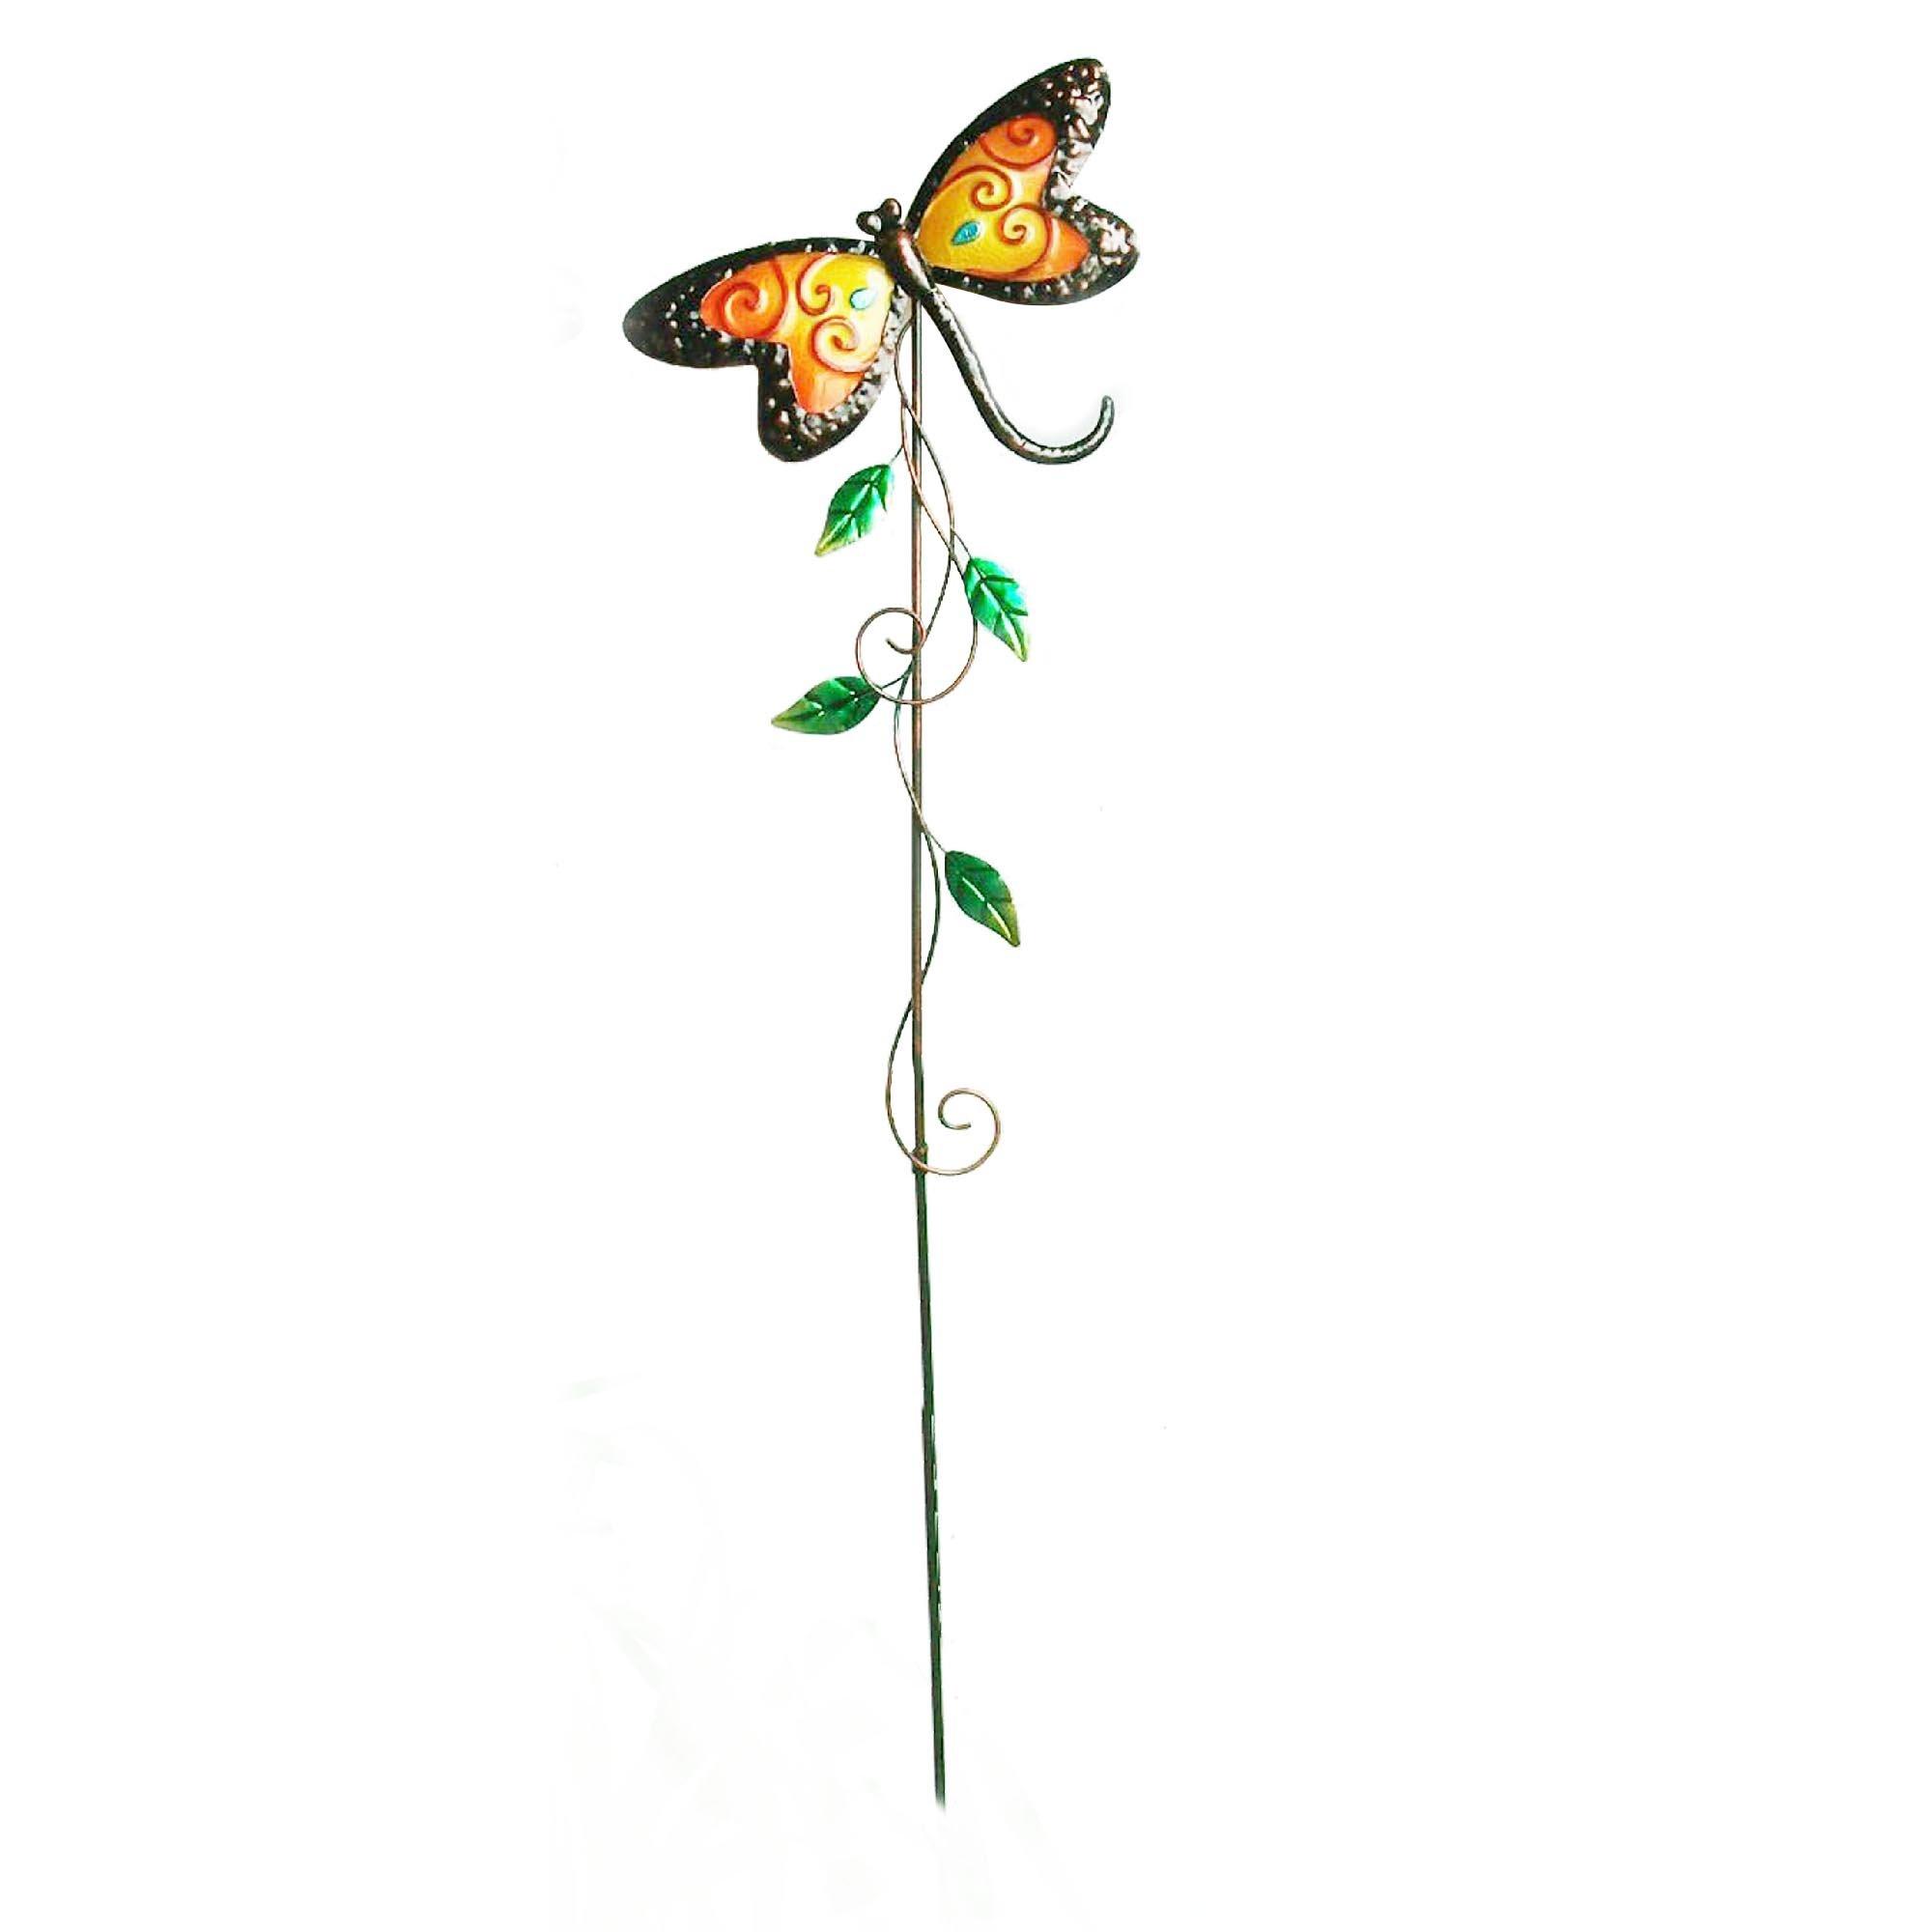 Creative Motion 14307-8 Garden Décor, 1 x 7.48 x 40, Multi-Color